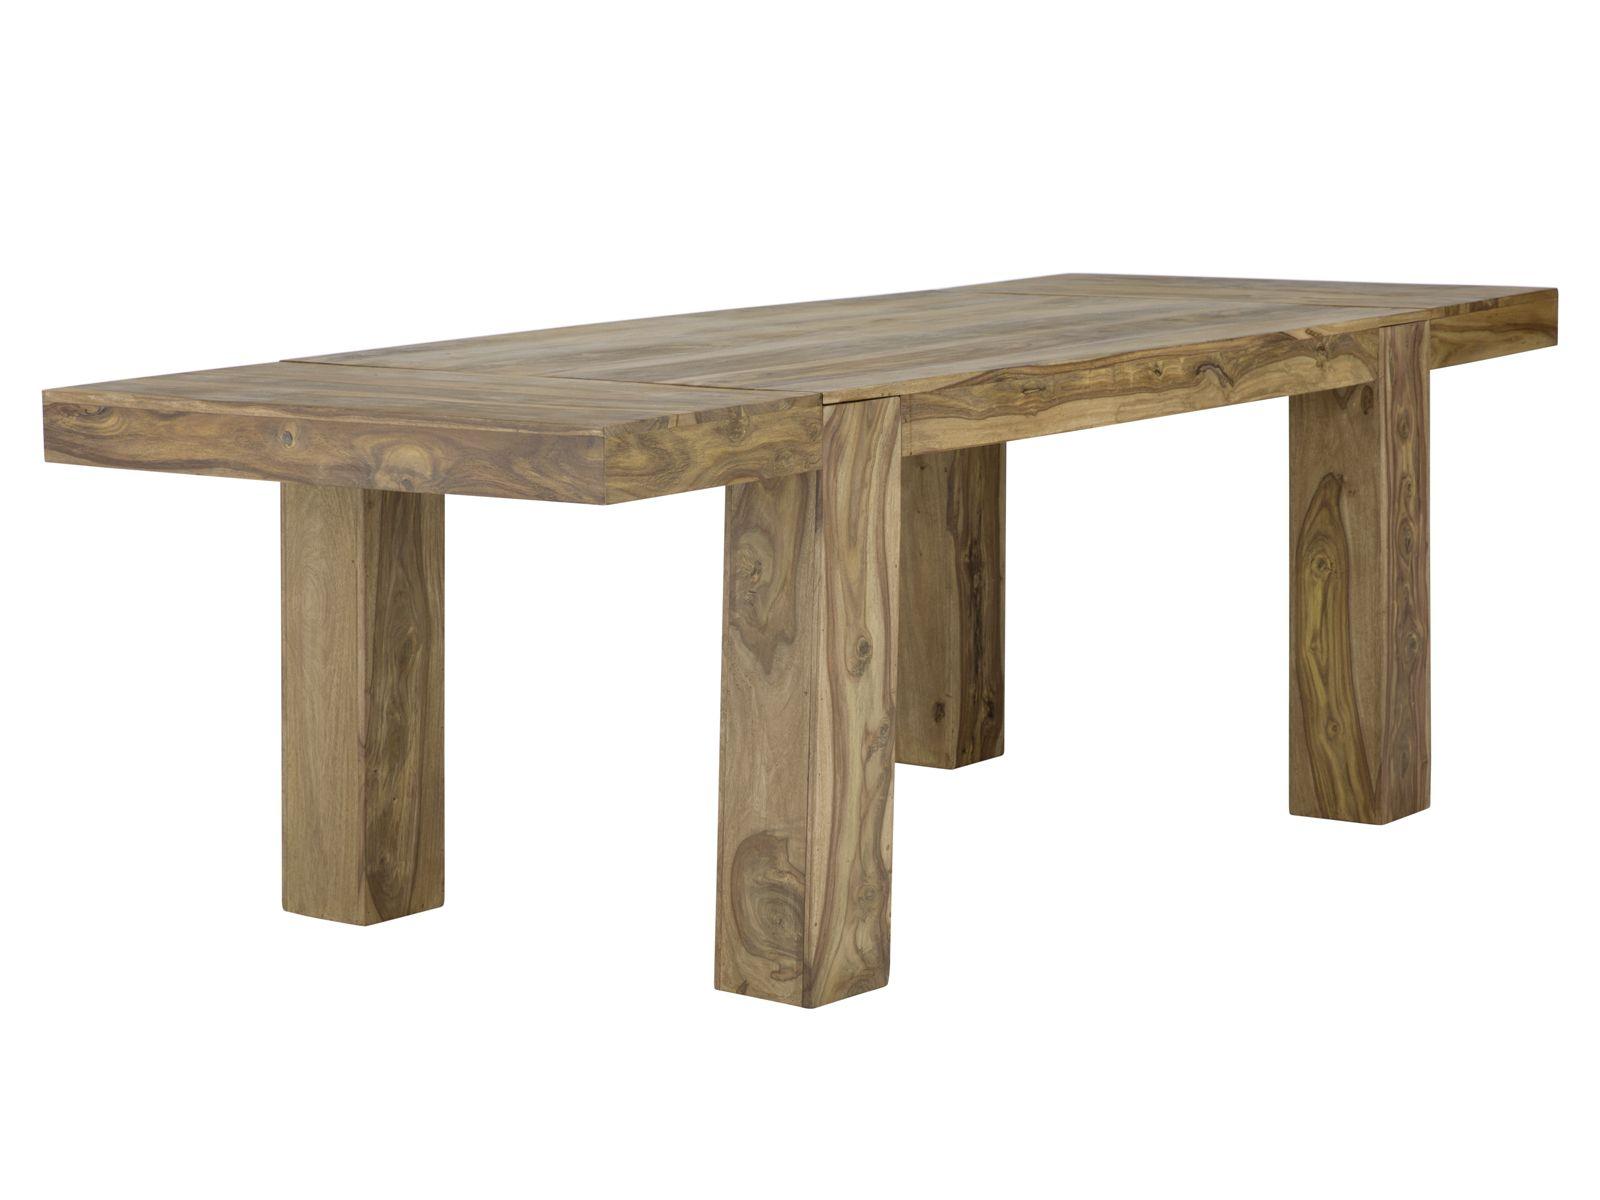 Table Stark Avec Rallonges Palissandre Teck Pour Sejour Massivum Meuble Bois Massif Meuble Table Salle A Manger